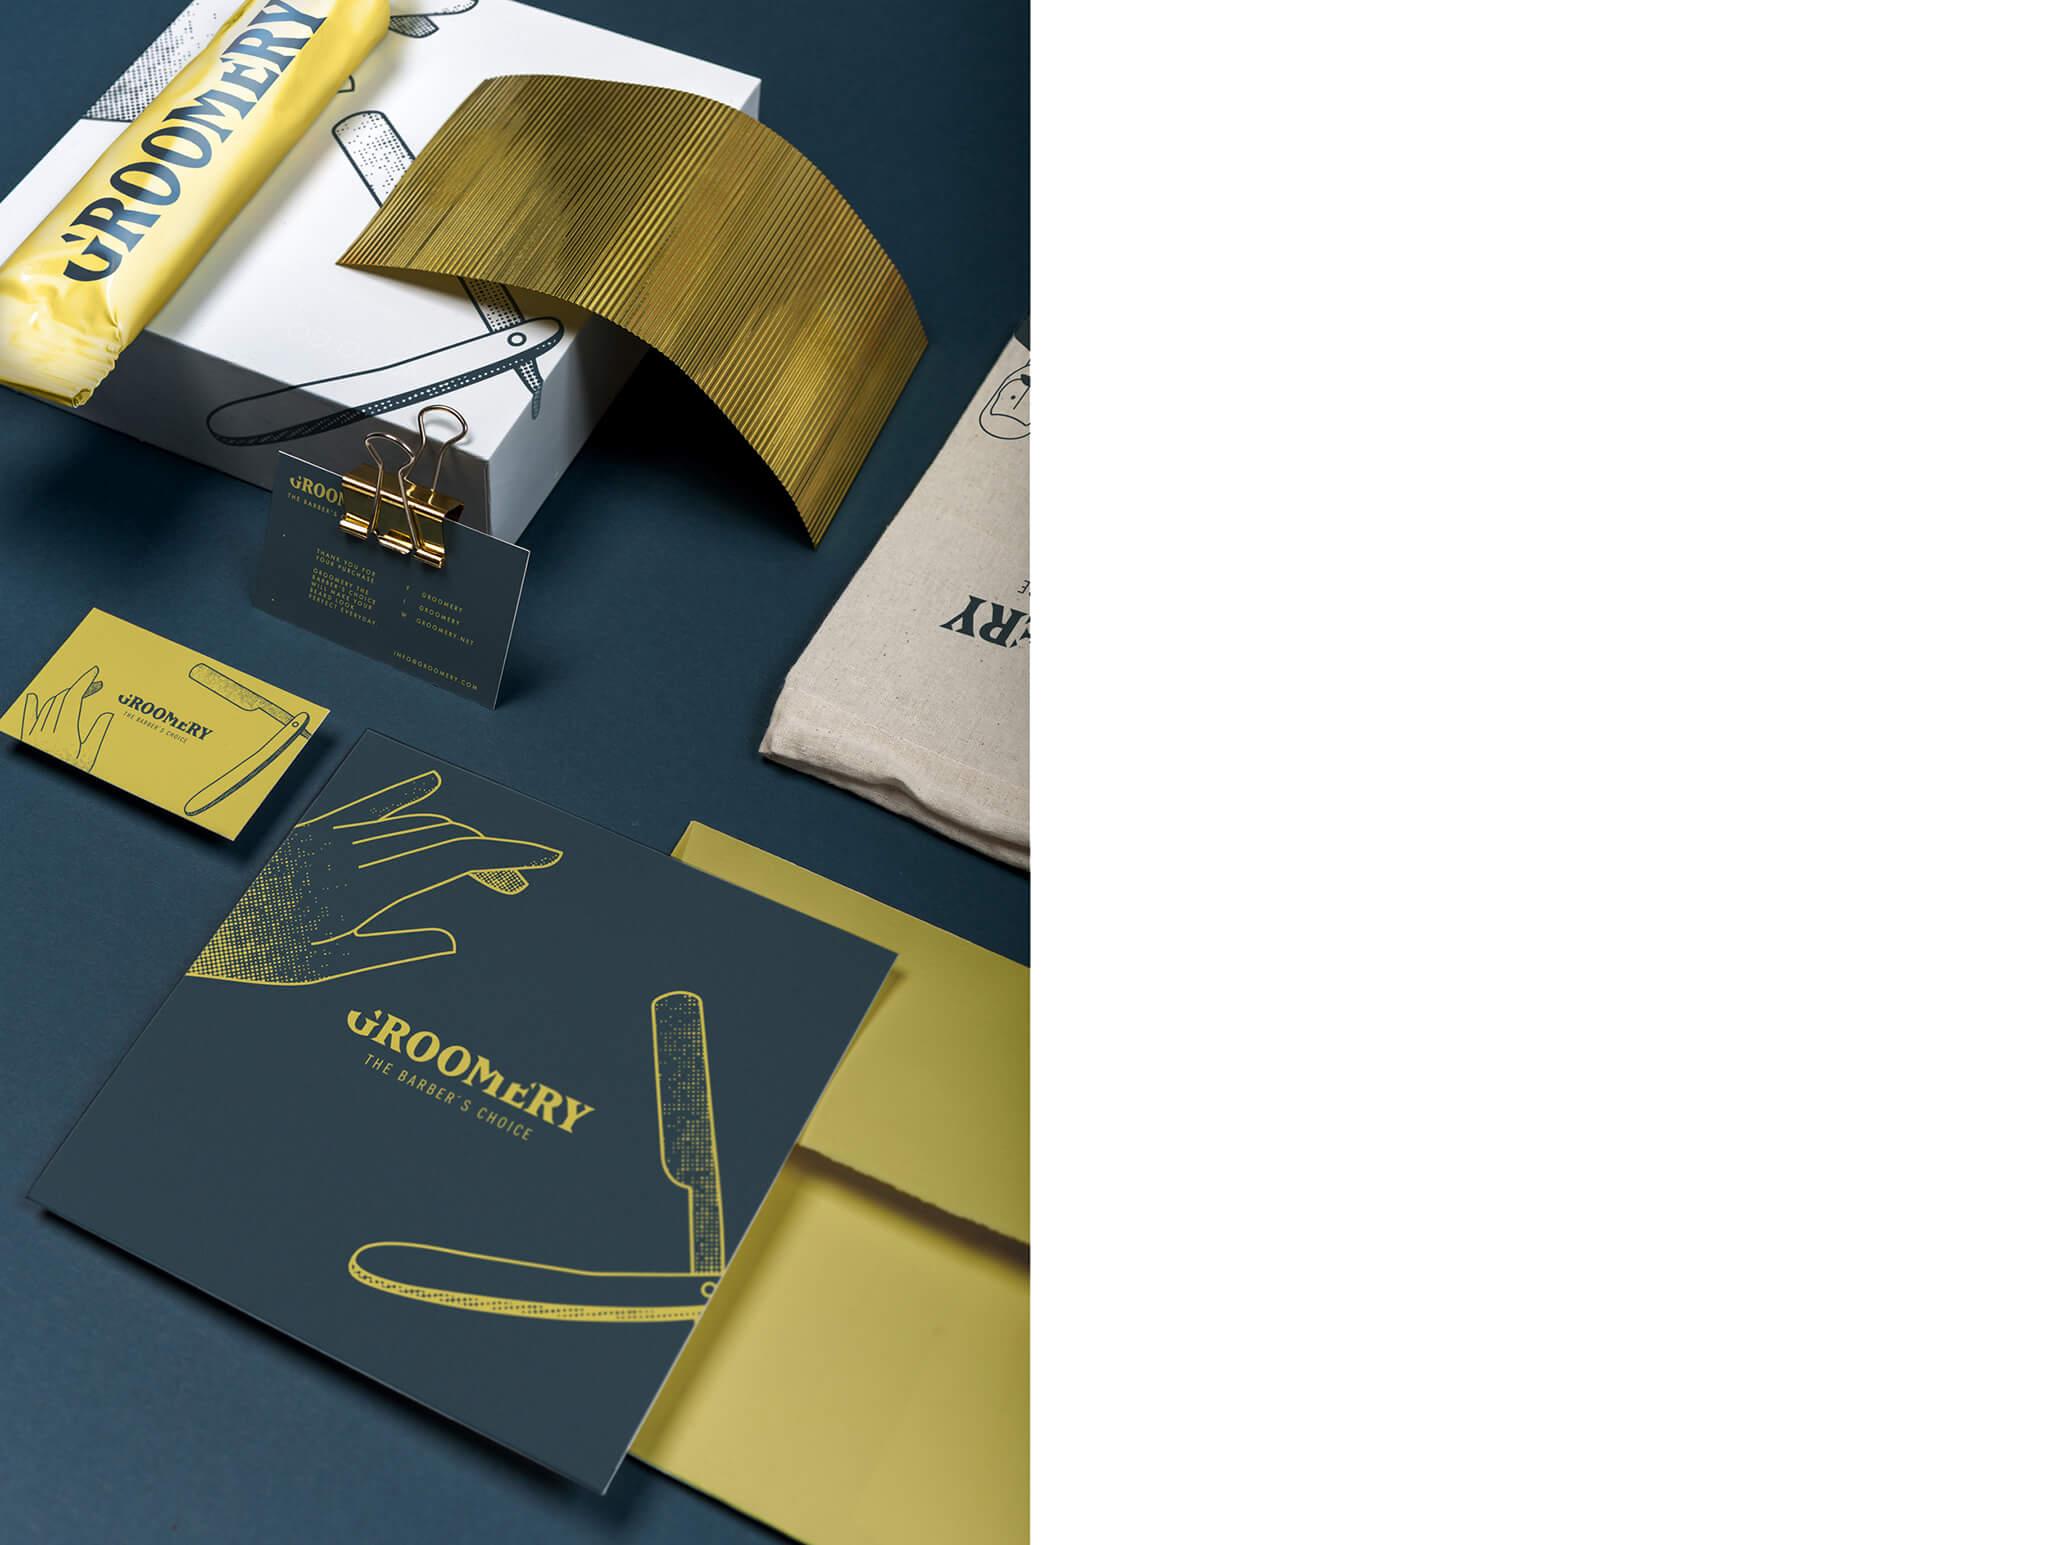 Groomery-branding-packaging_k